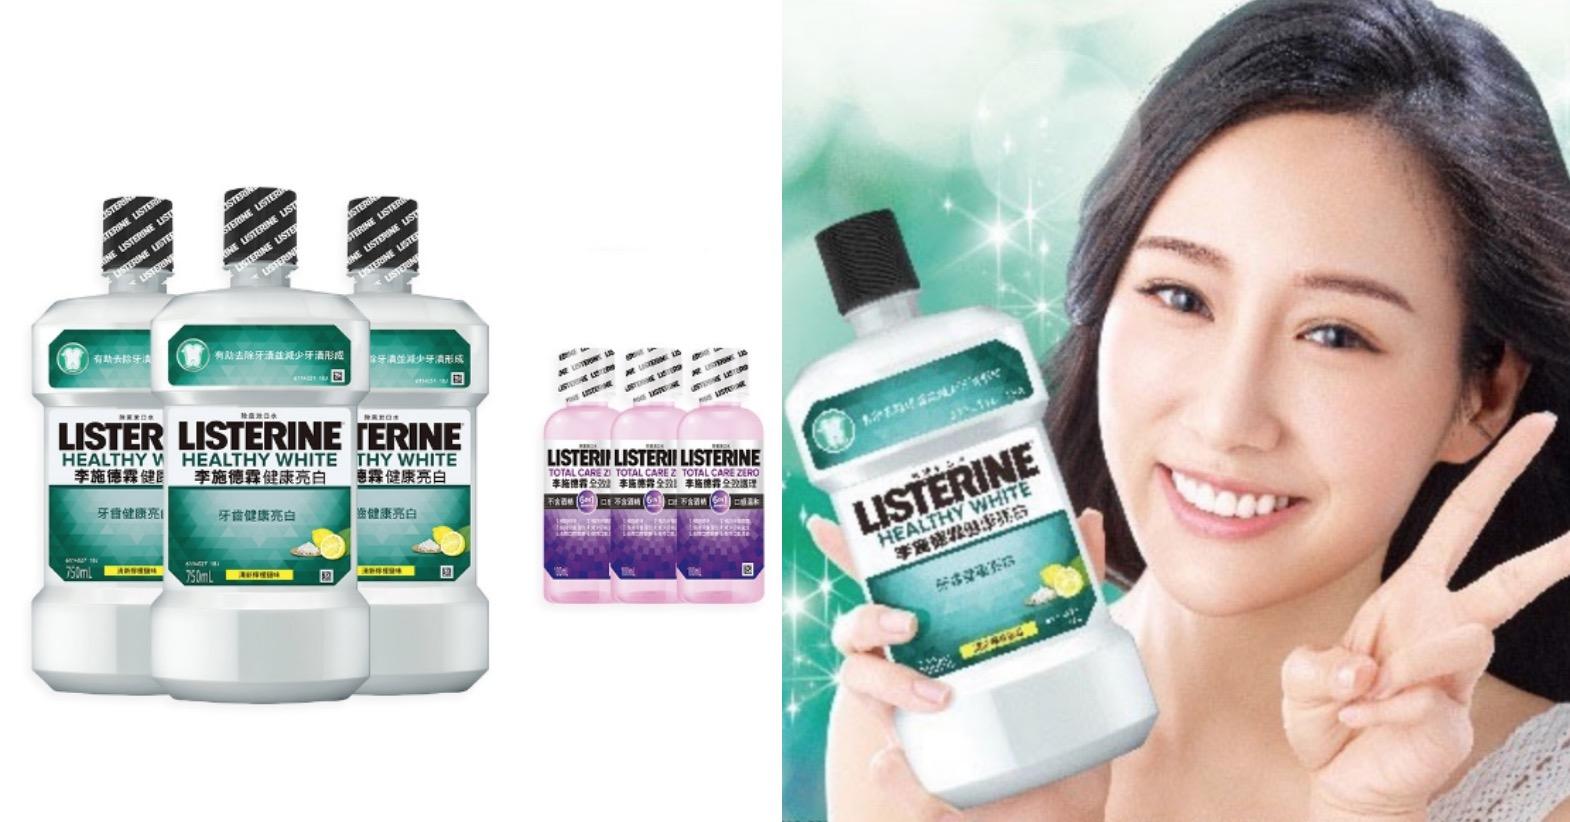 革命性多功效配方,令牙齒更自然亮白。有效去除牙漬並減少牙漬形成,含氟化物,有助強化牙齒幫助去除引起口臭之細菌。保健